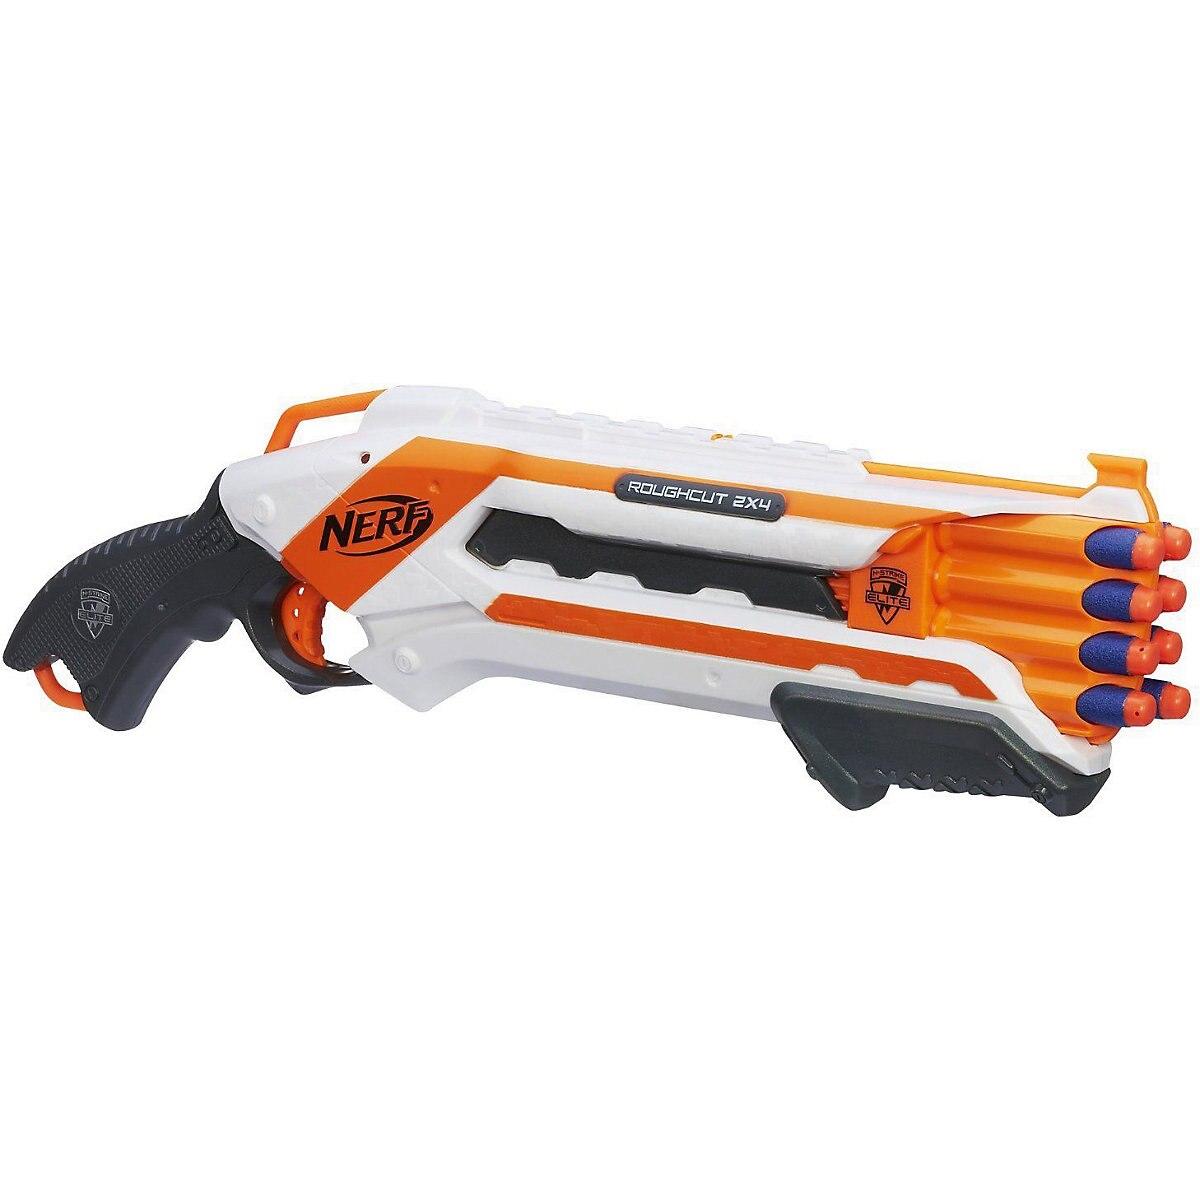 Pistolas de juguete NERF 3222052 niños juguete pistola de arma de fuego niños juegos de tiro al aire libre MTpromo